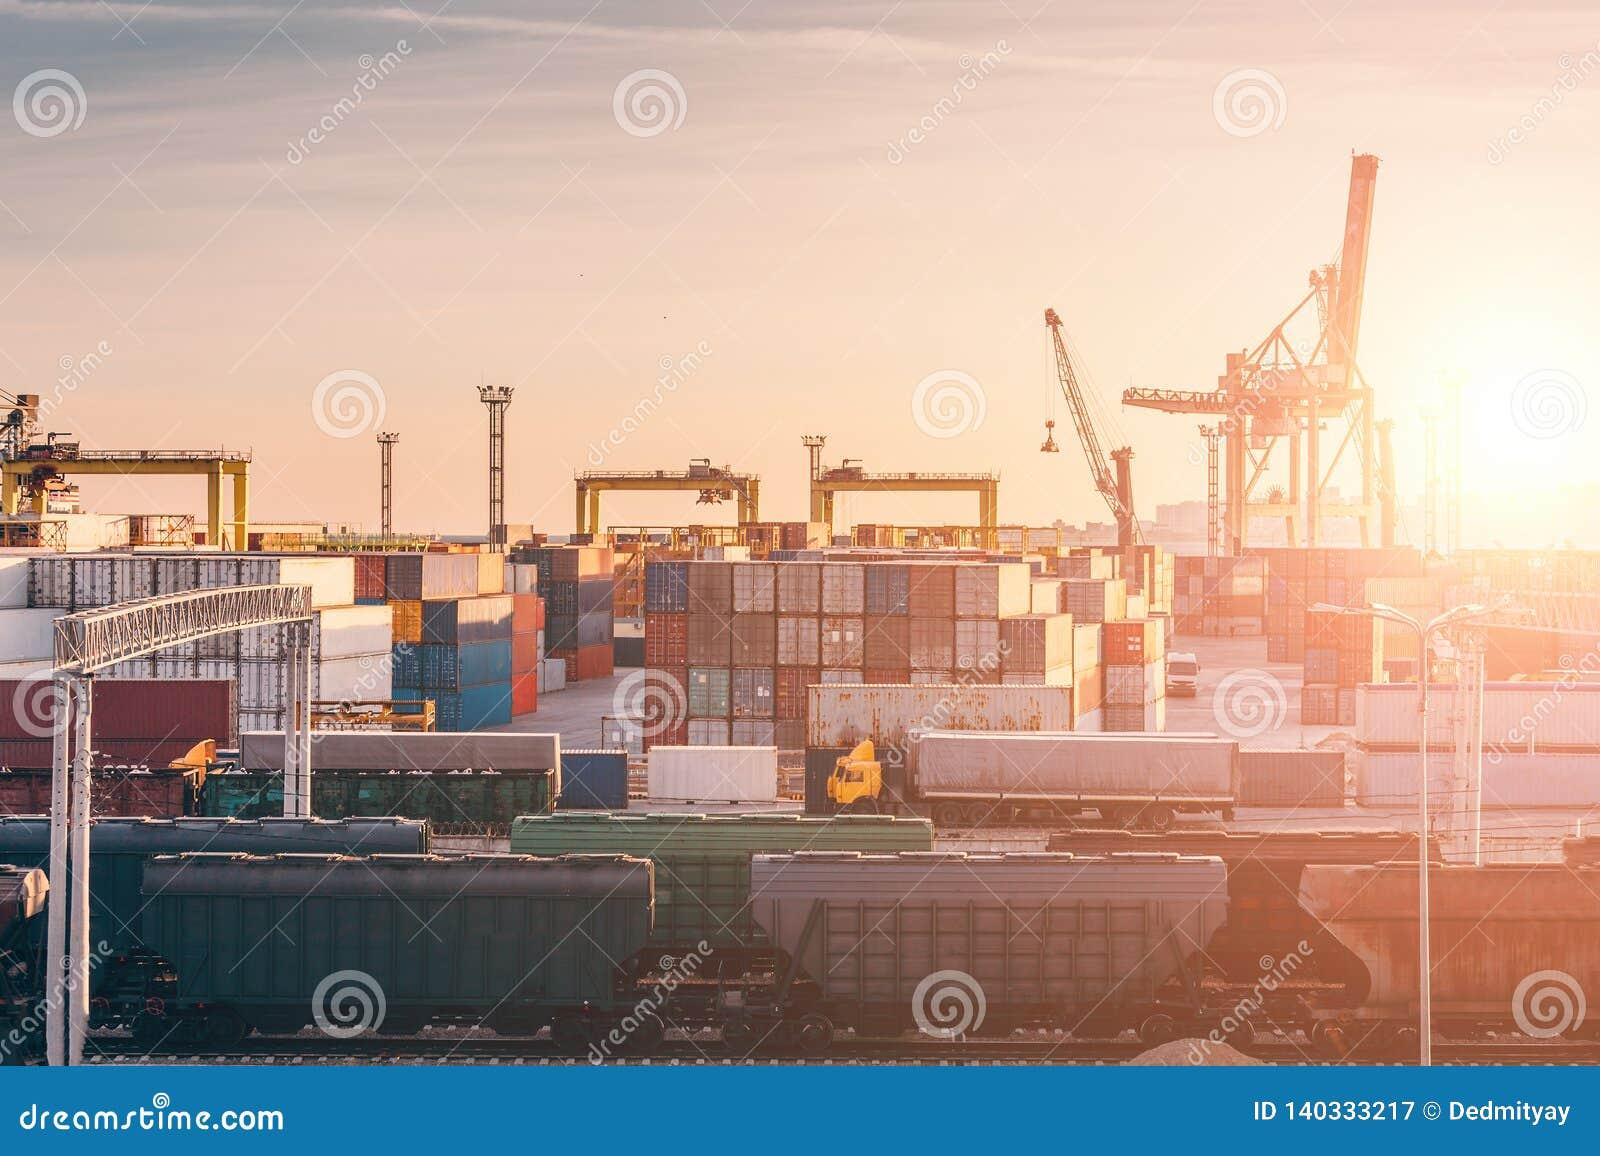 Frakta trans.havsport för import- och exportgods, lastbehållare med kranar, sändnings för industriell affär